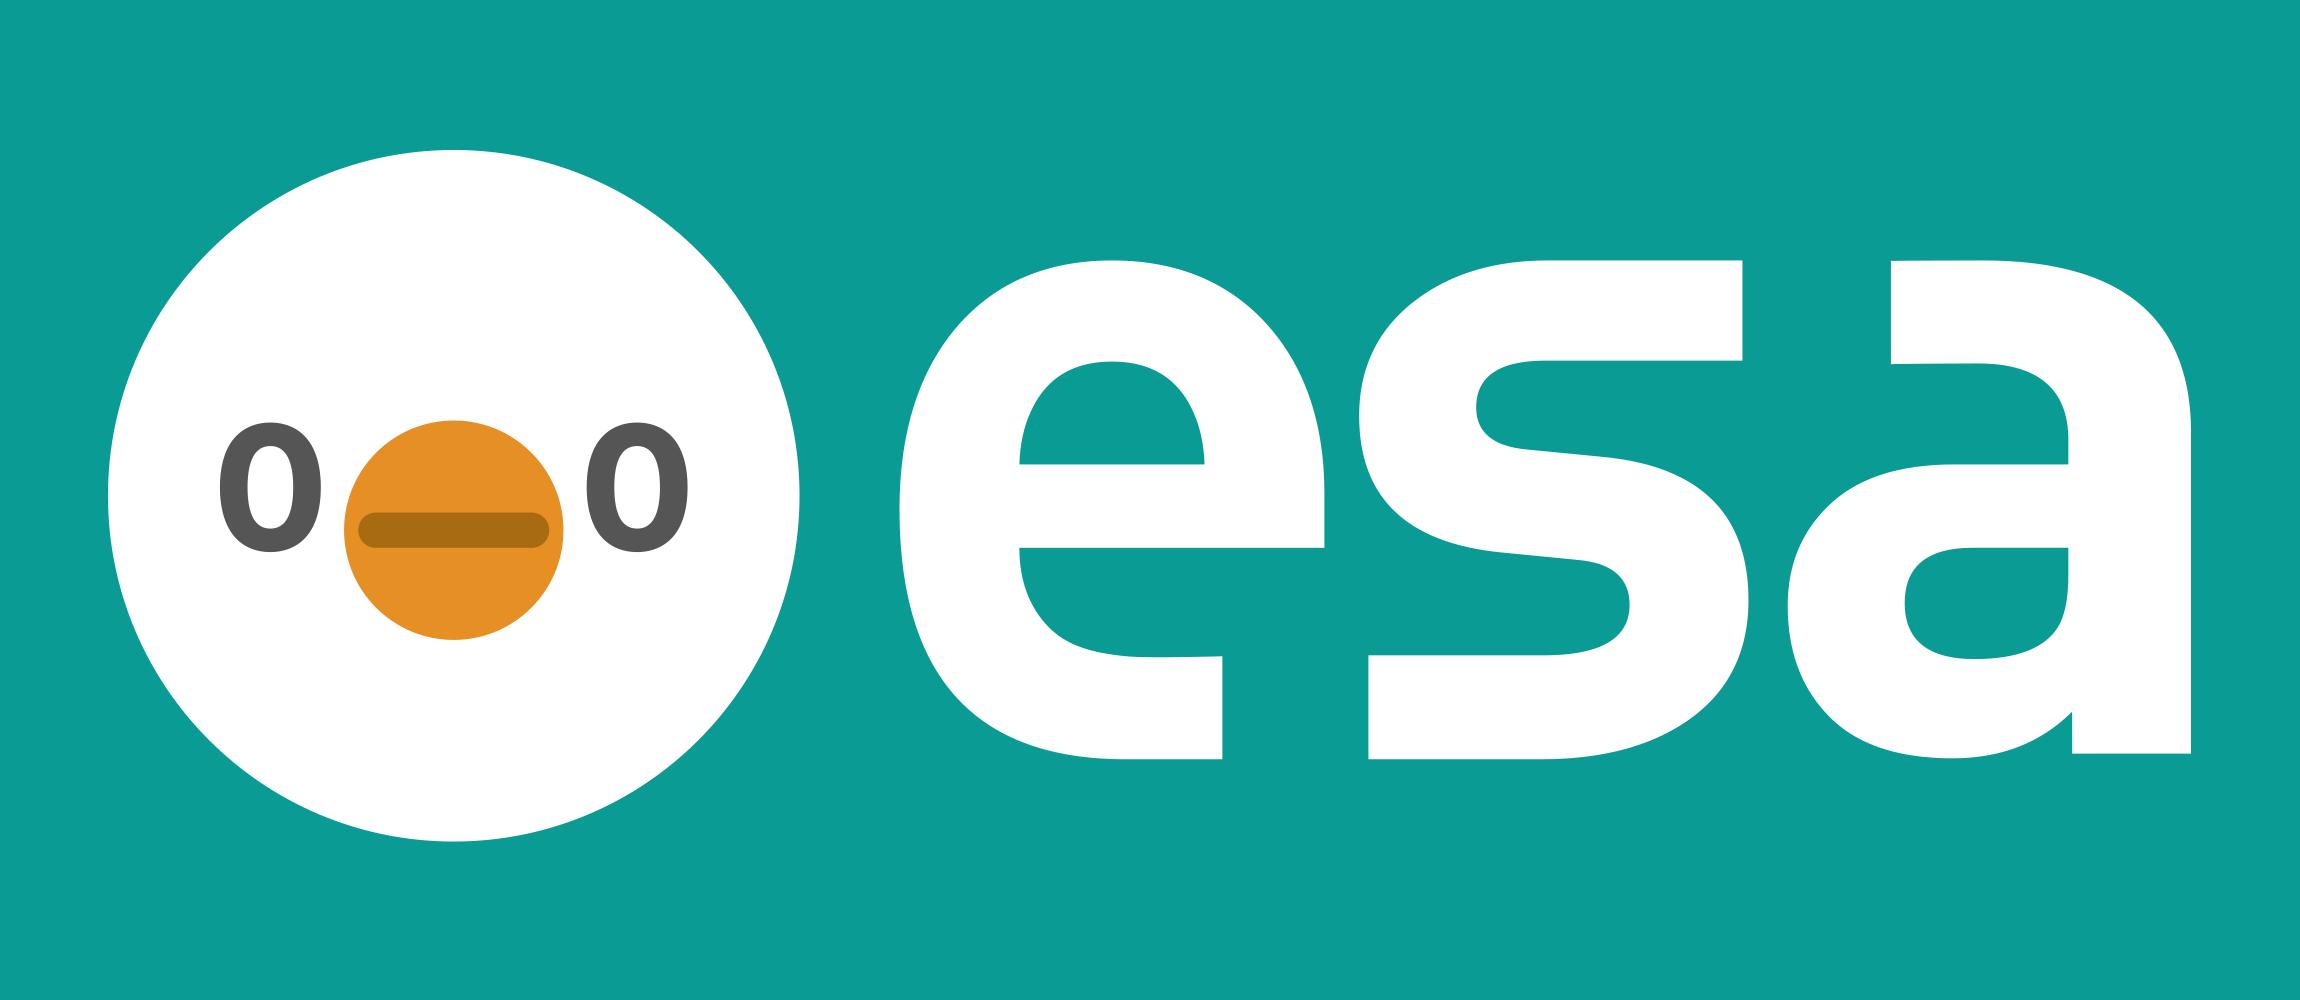 esa-logo__coloredbg--RGB.png (66.4 kB)